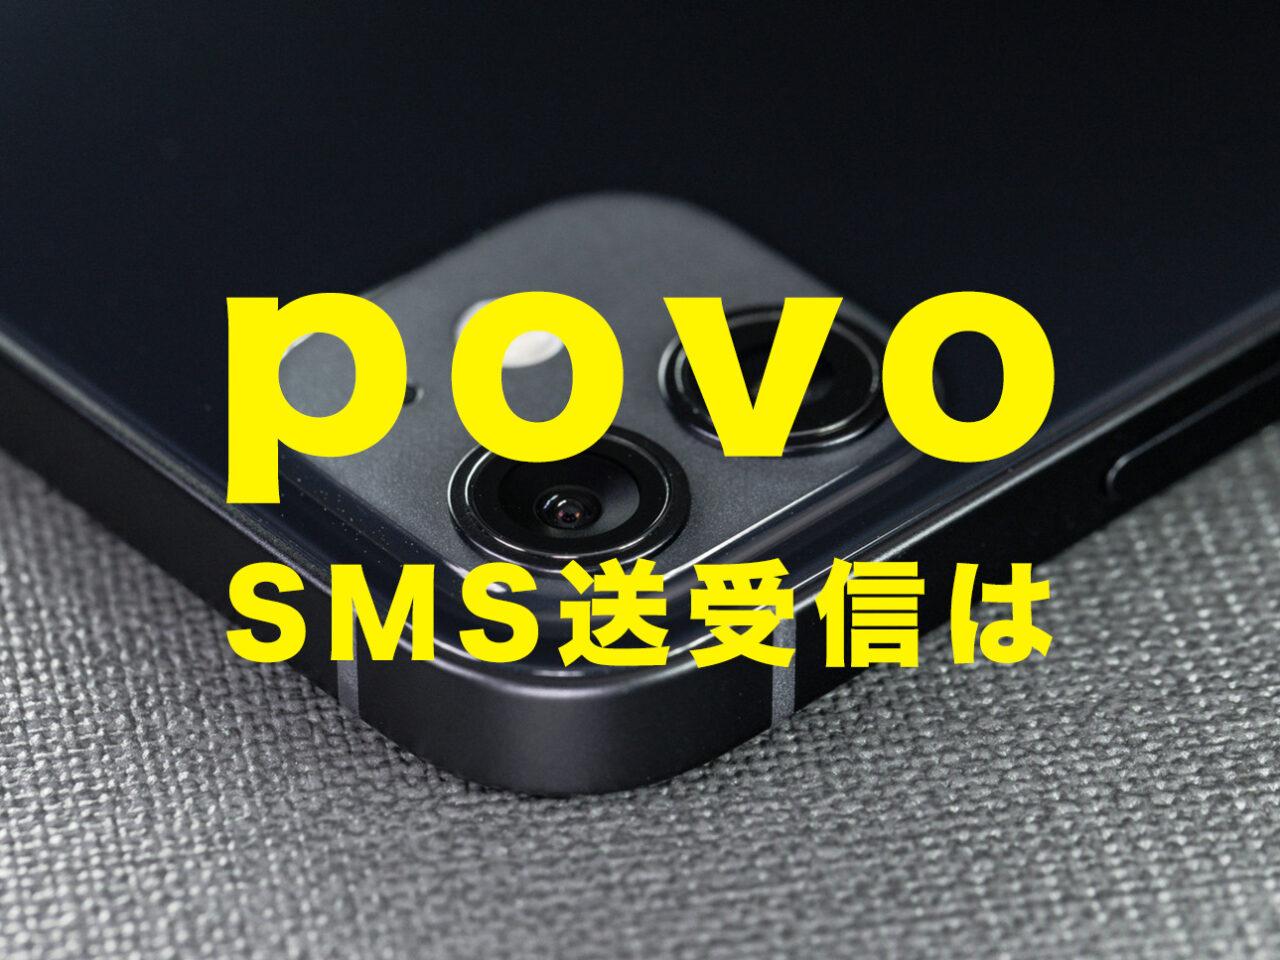 povo(ポヴォ)でSMSの受信&送信は使える?使えない?【ショートメッセージ】のサムネイル画像